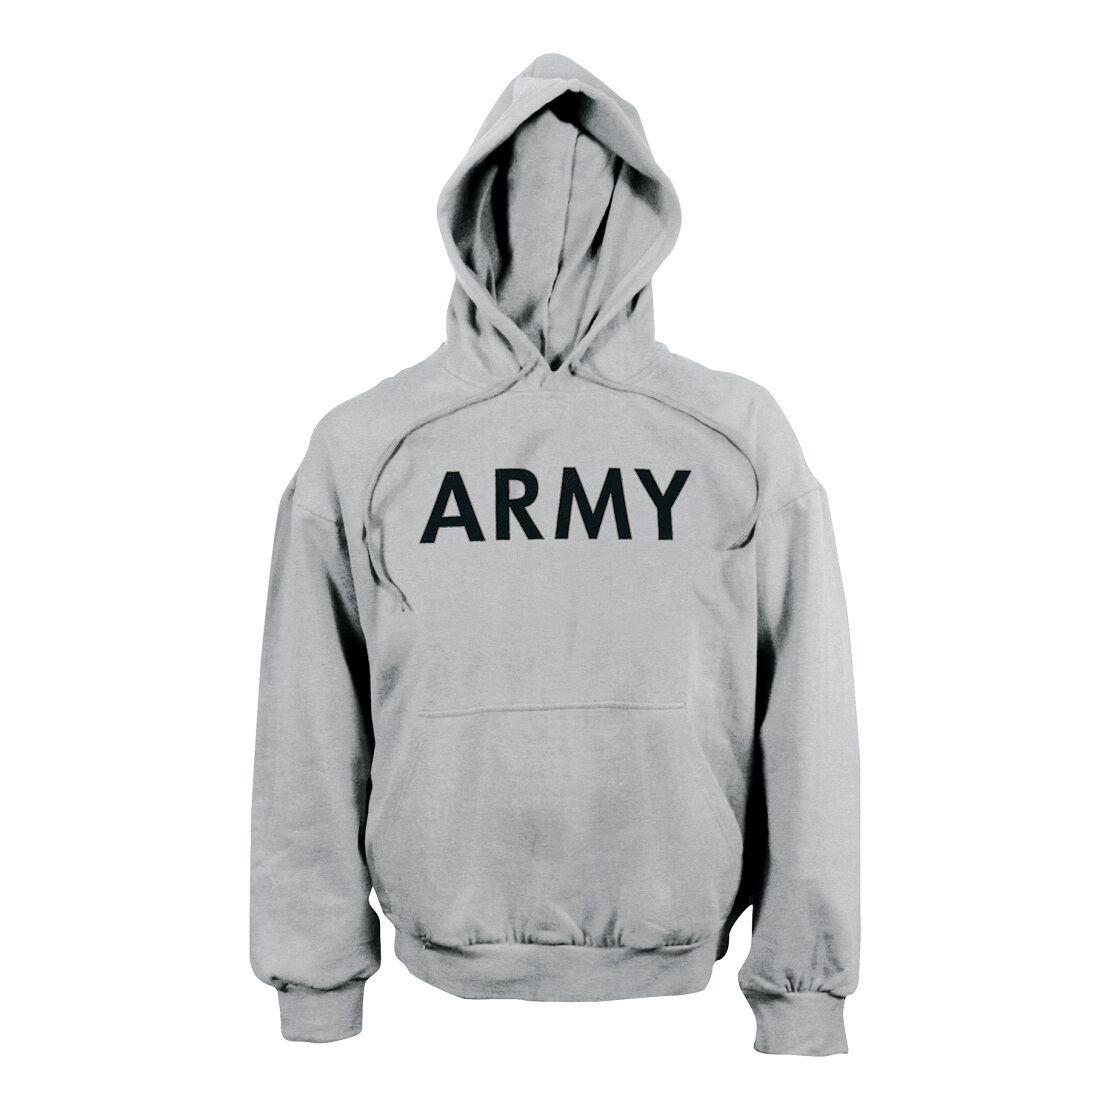 ARMY Hoodie Kapuzen US Hoody Sweatshirt Sportshirt grey grey 3XLarge